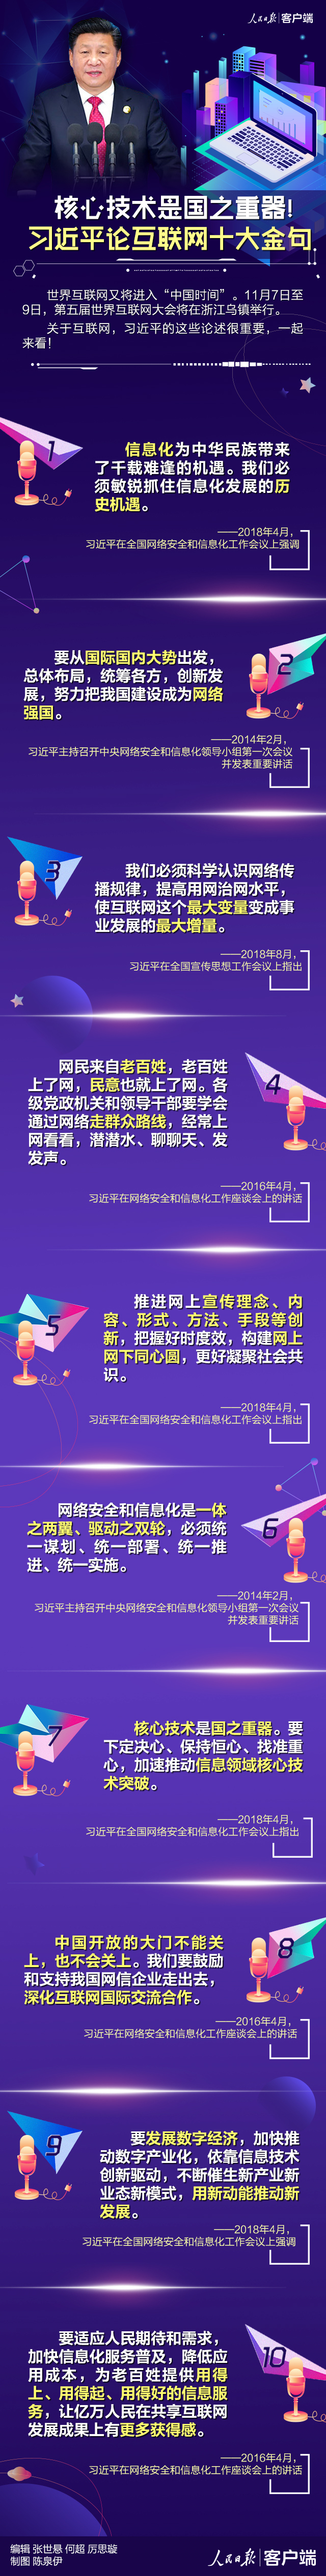 习近平论互联网十大金句